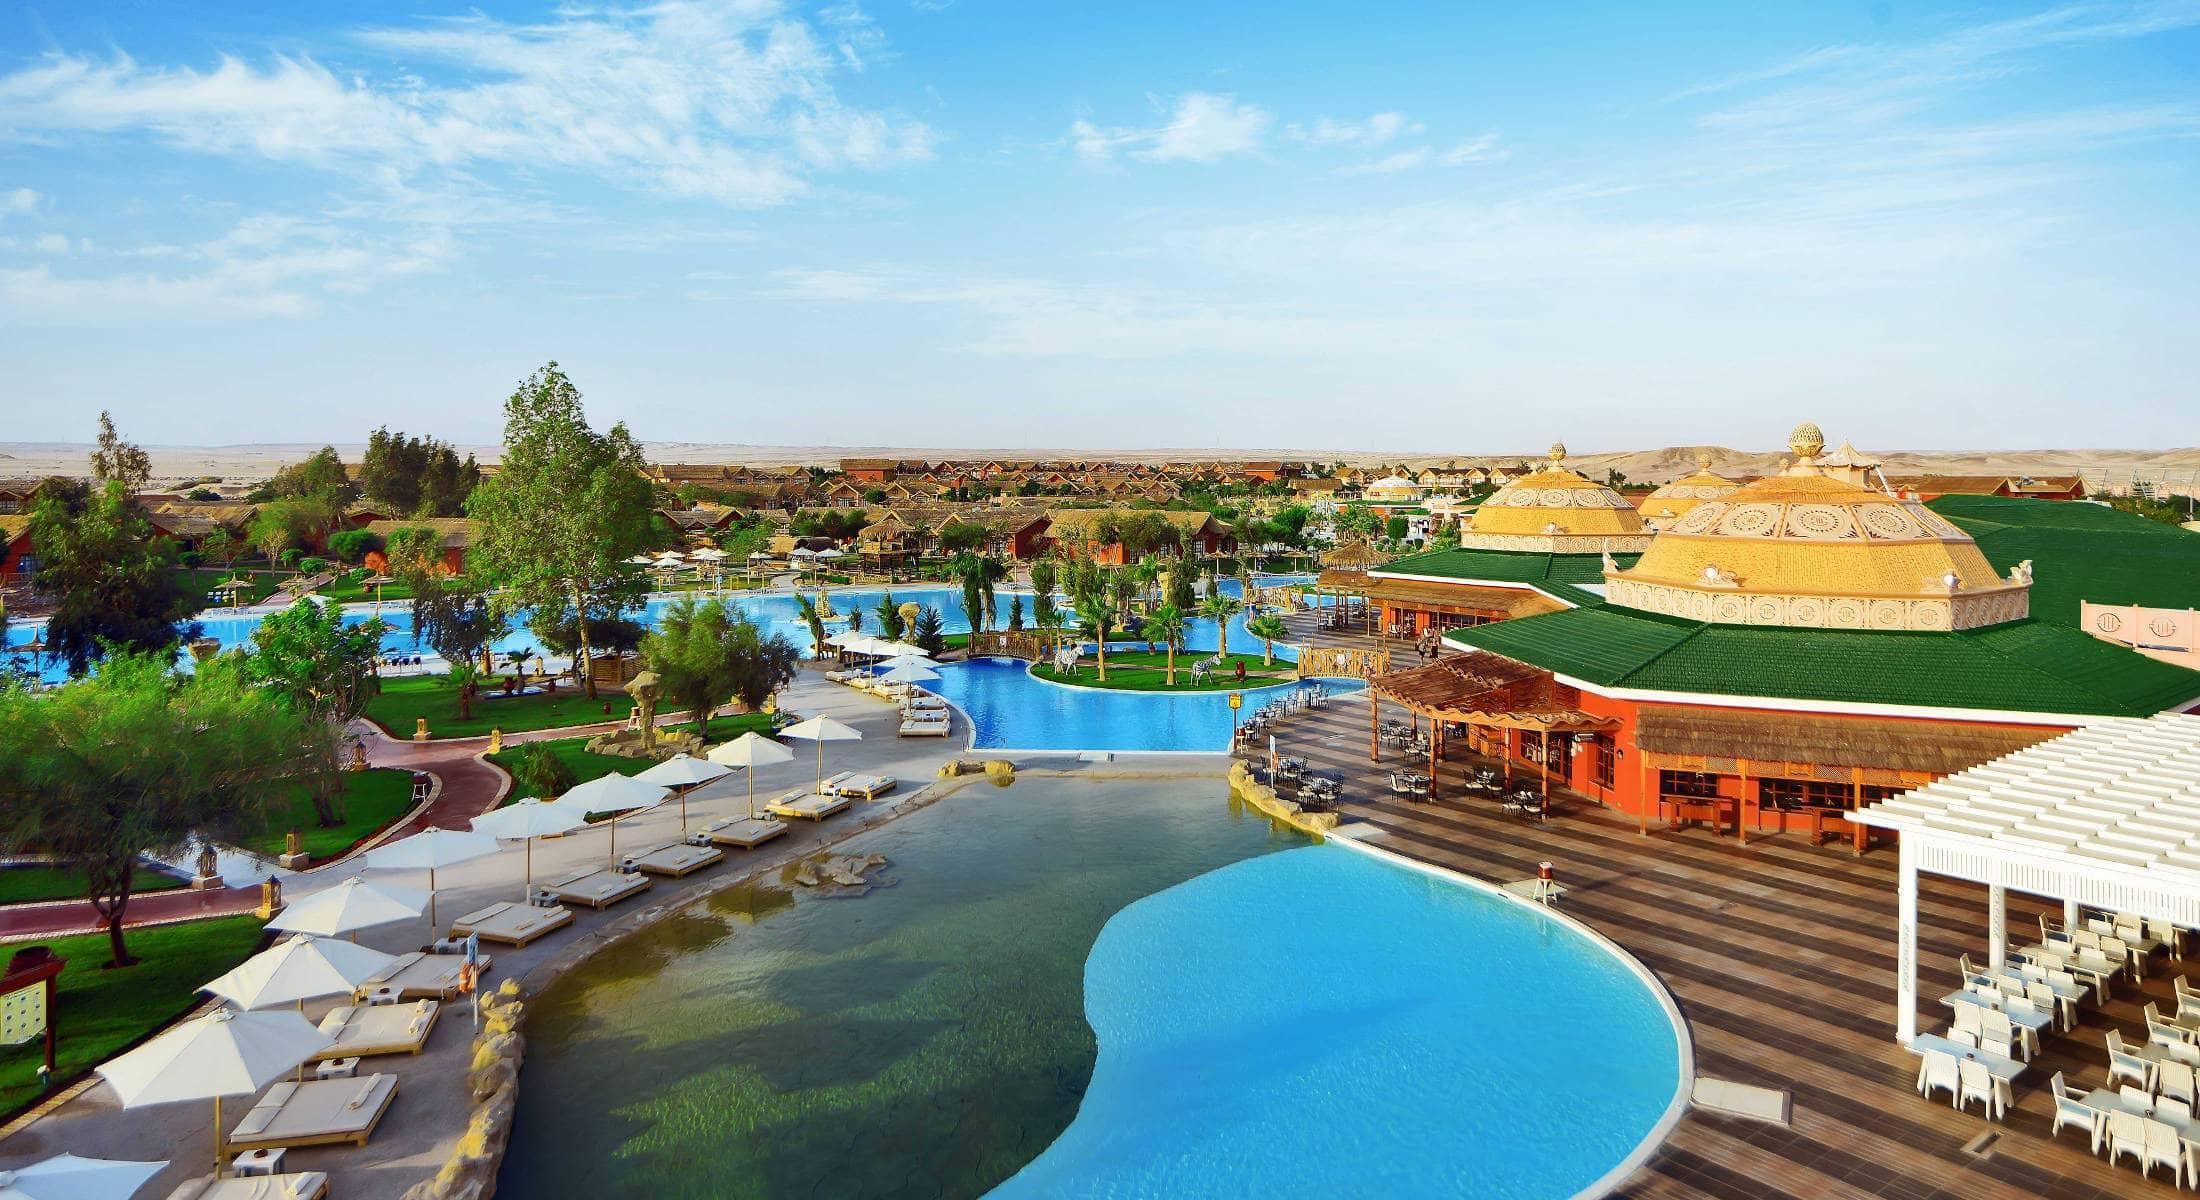 Pickalbatros hotels resort discover our 12 hotels in egypt official website - Dive inn resort egypt ...